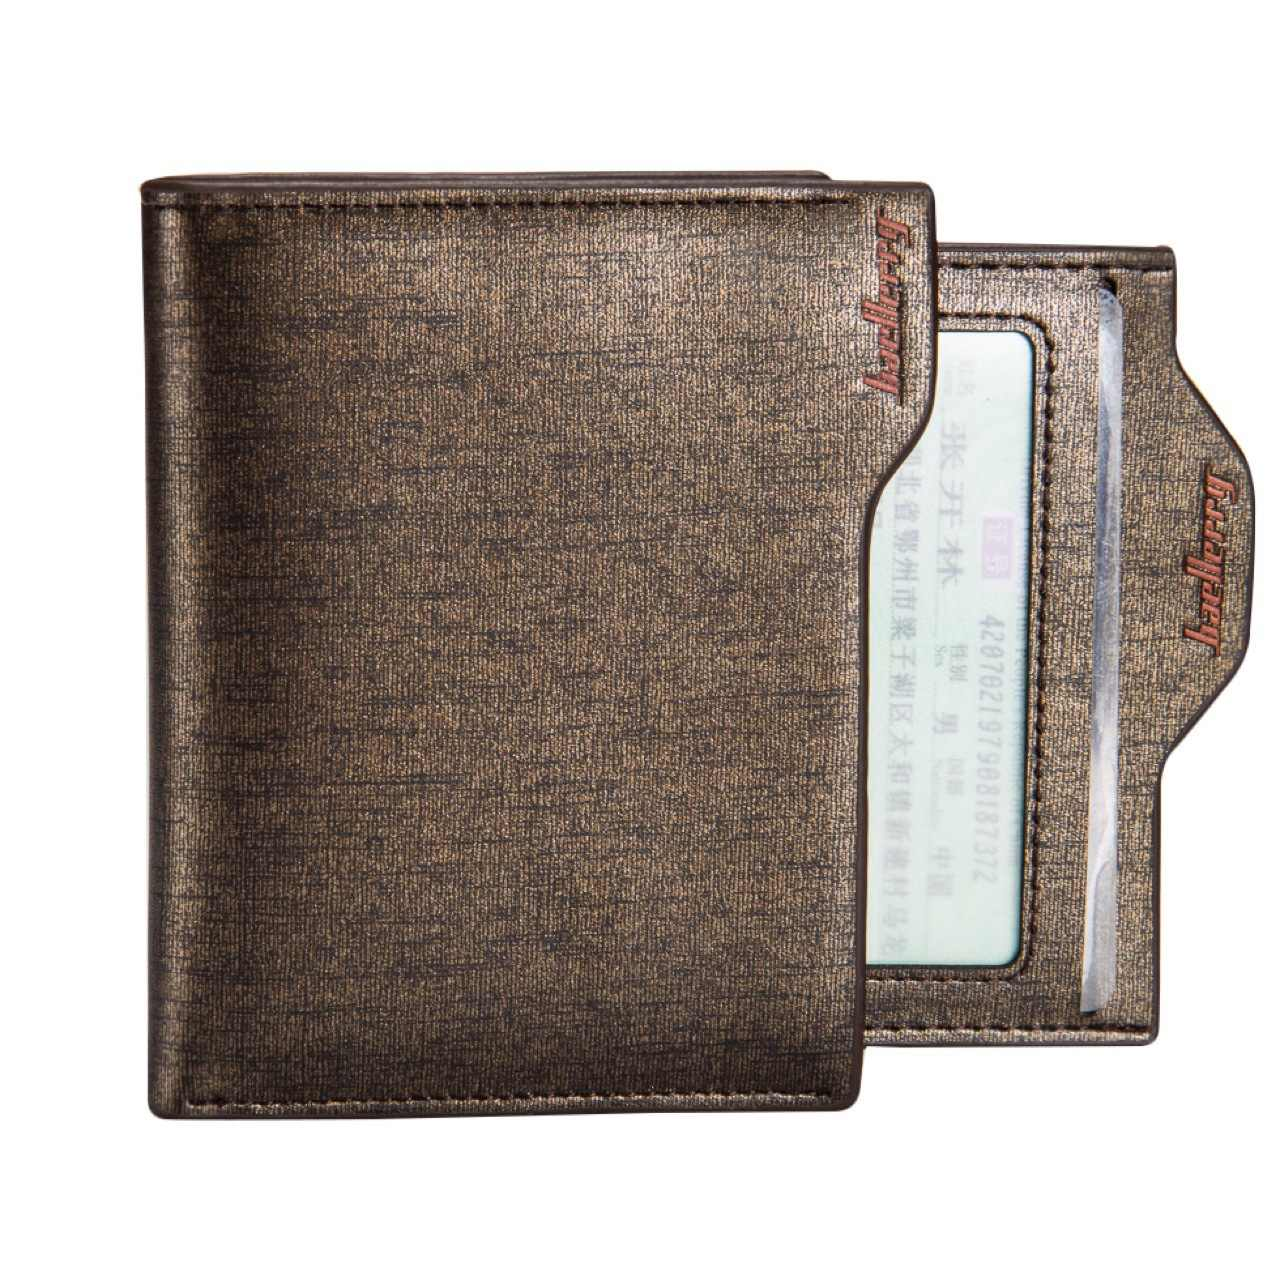 2017 New Arrival najwyższej jakości mężczyźni wielopasmowe skóry syntetycznej z mikrofibry na co dzień krzyż pionowe złoty niebieski krótki portfel portfel